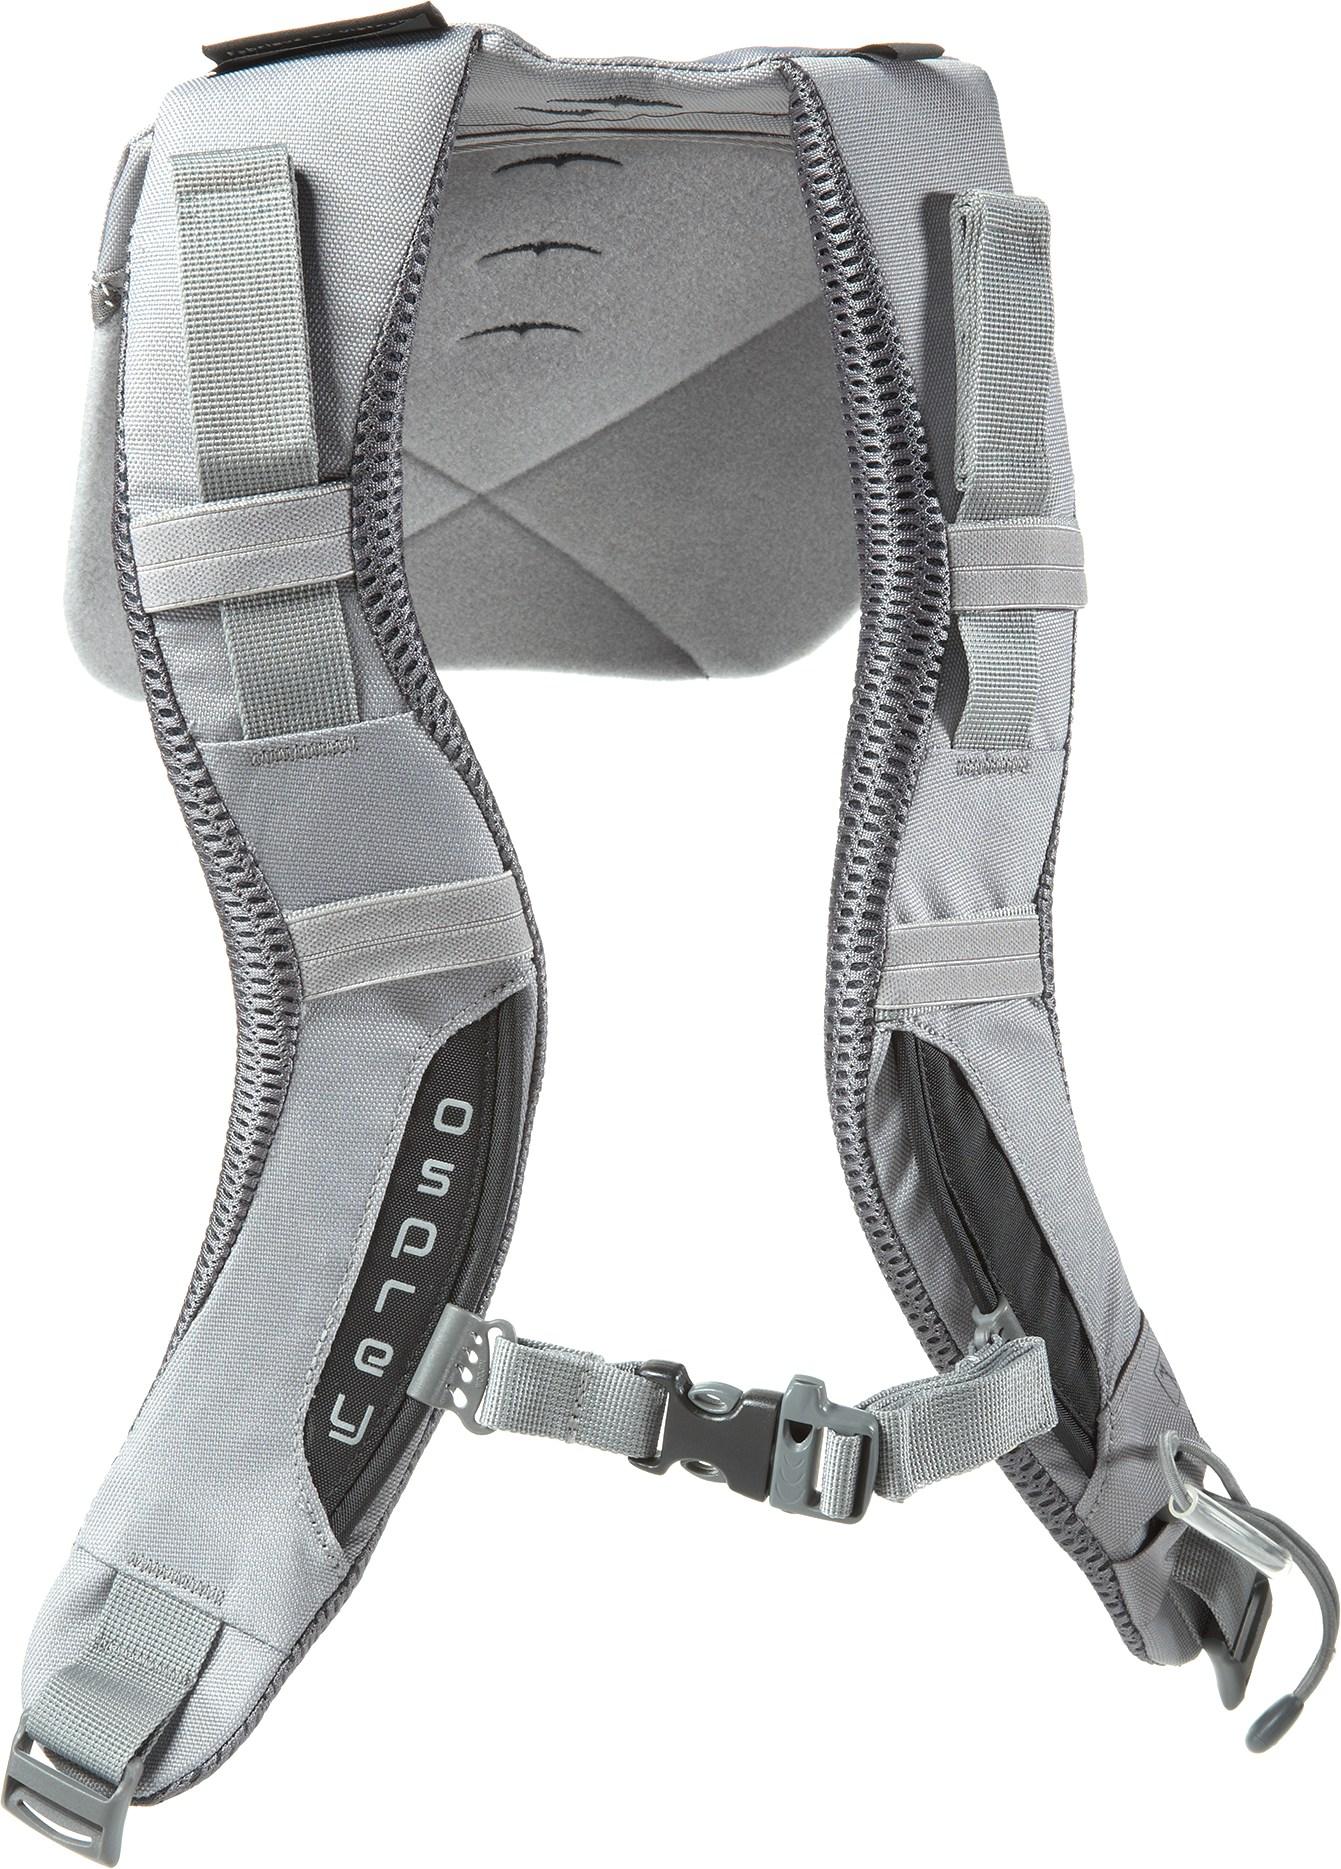 Hombreras IsoForm en mochilas Osprey